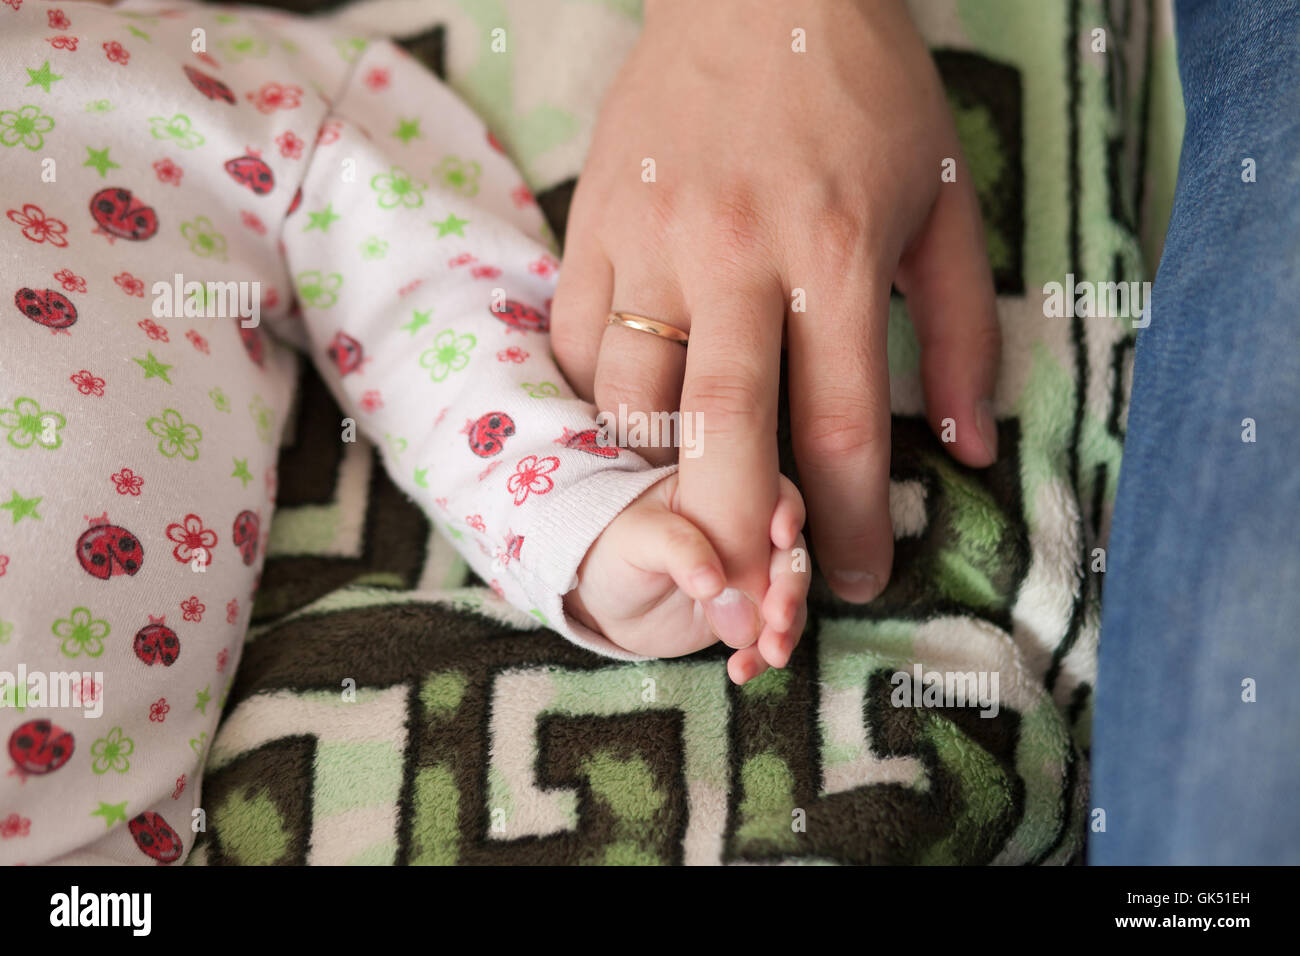 Hijo y padre, Bebe aguantando los papás dedo. Concepto de familia Imagen De Stock